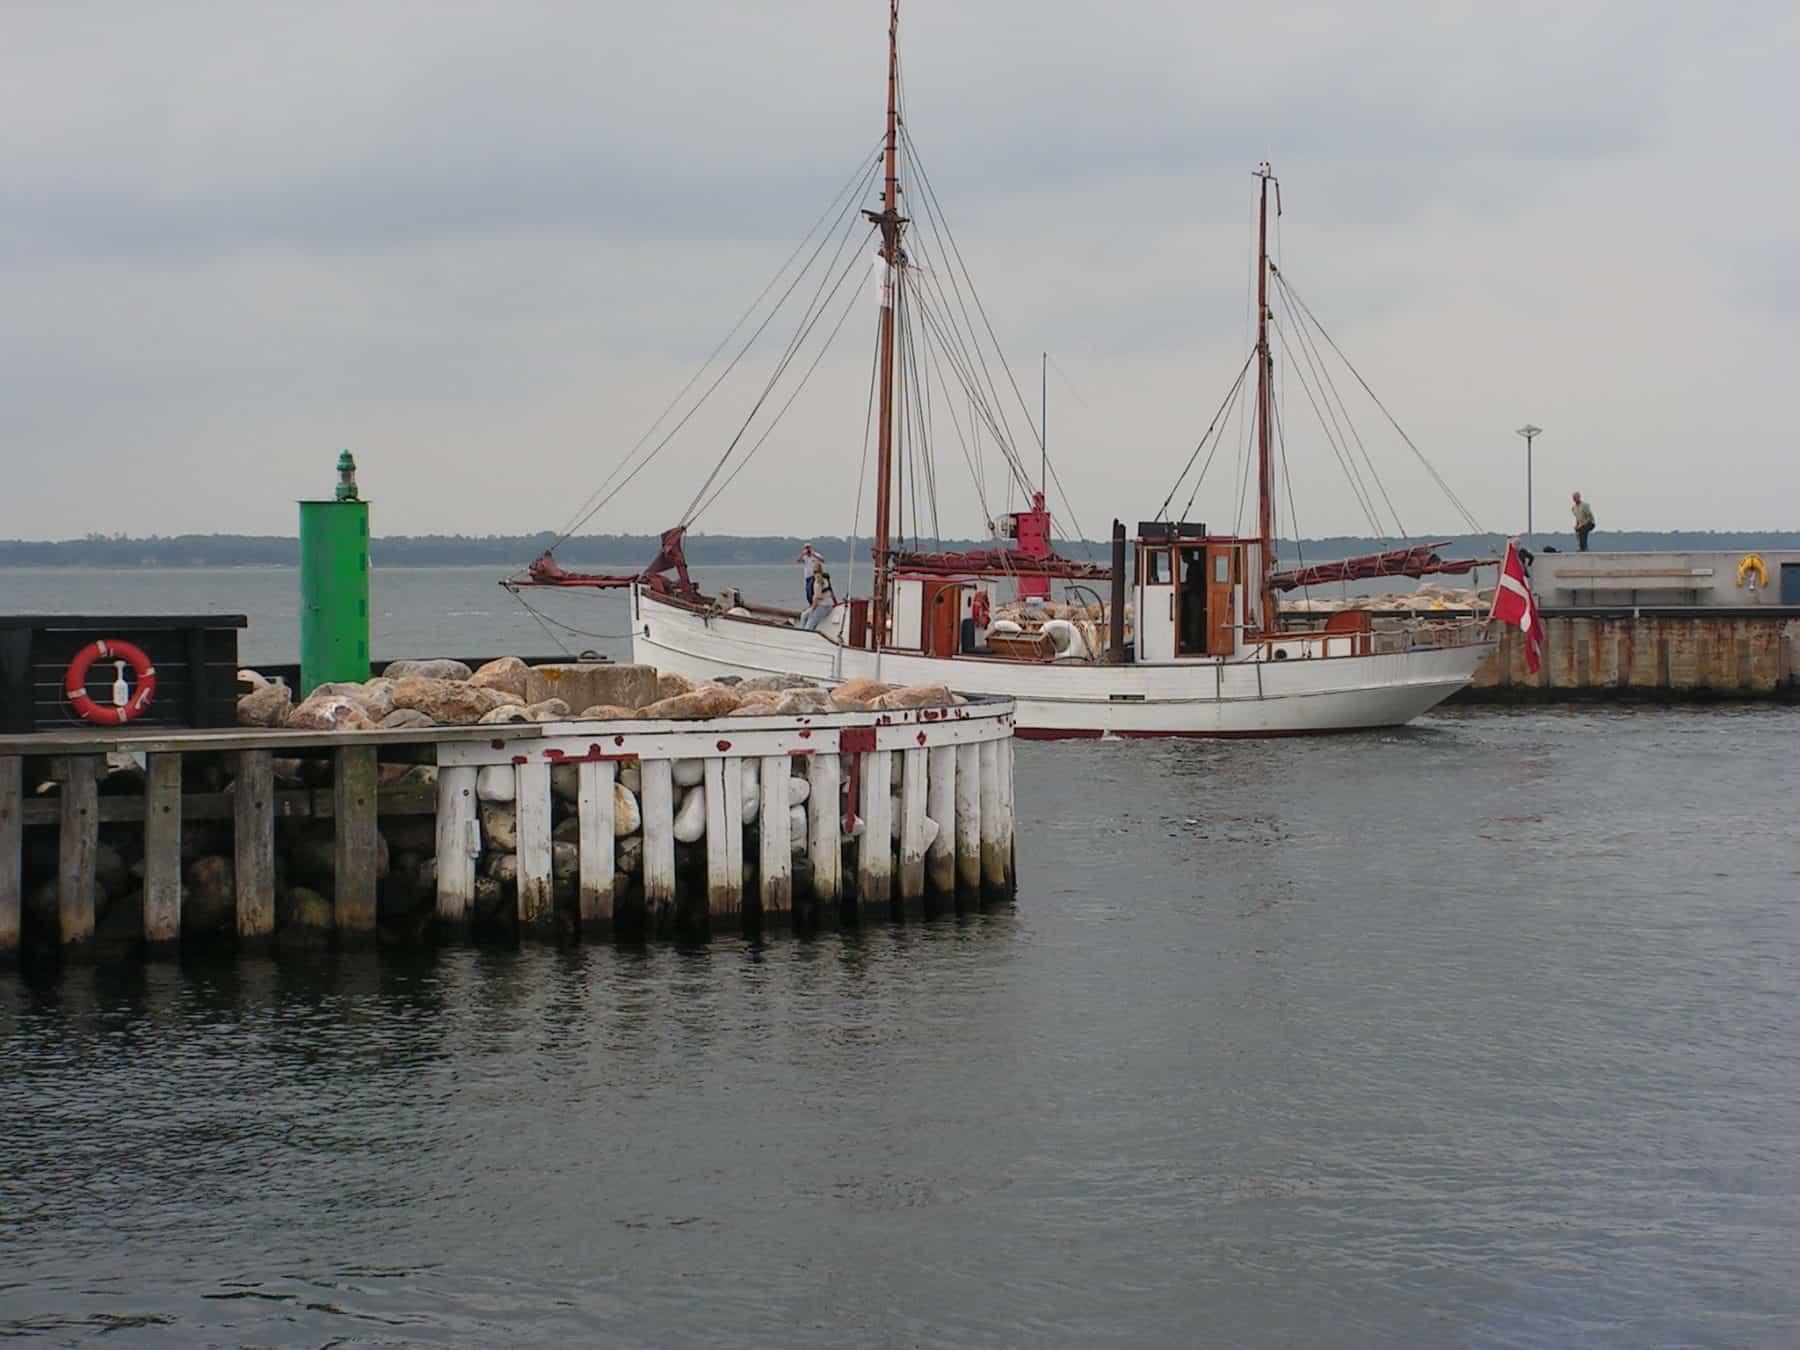 KIVIOQ passerer molepynten Hundested Havn august 2017